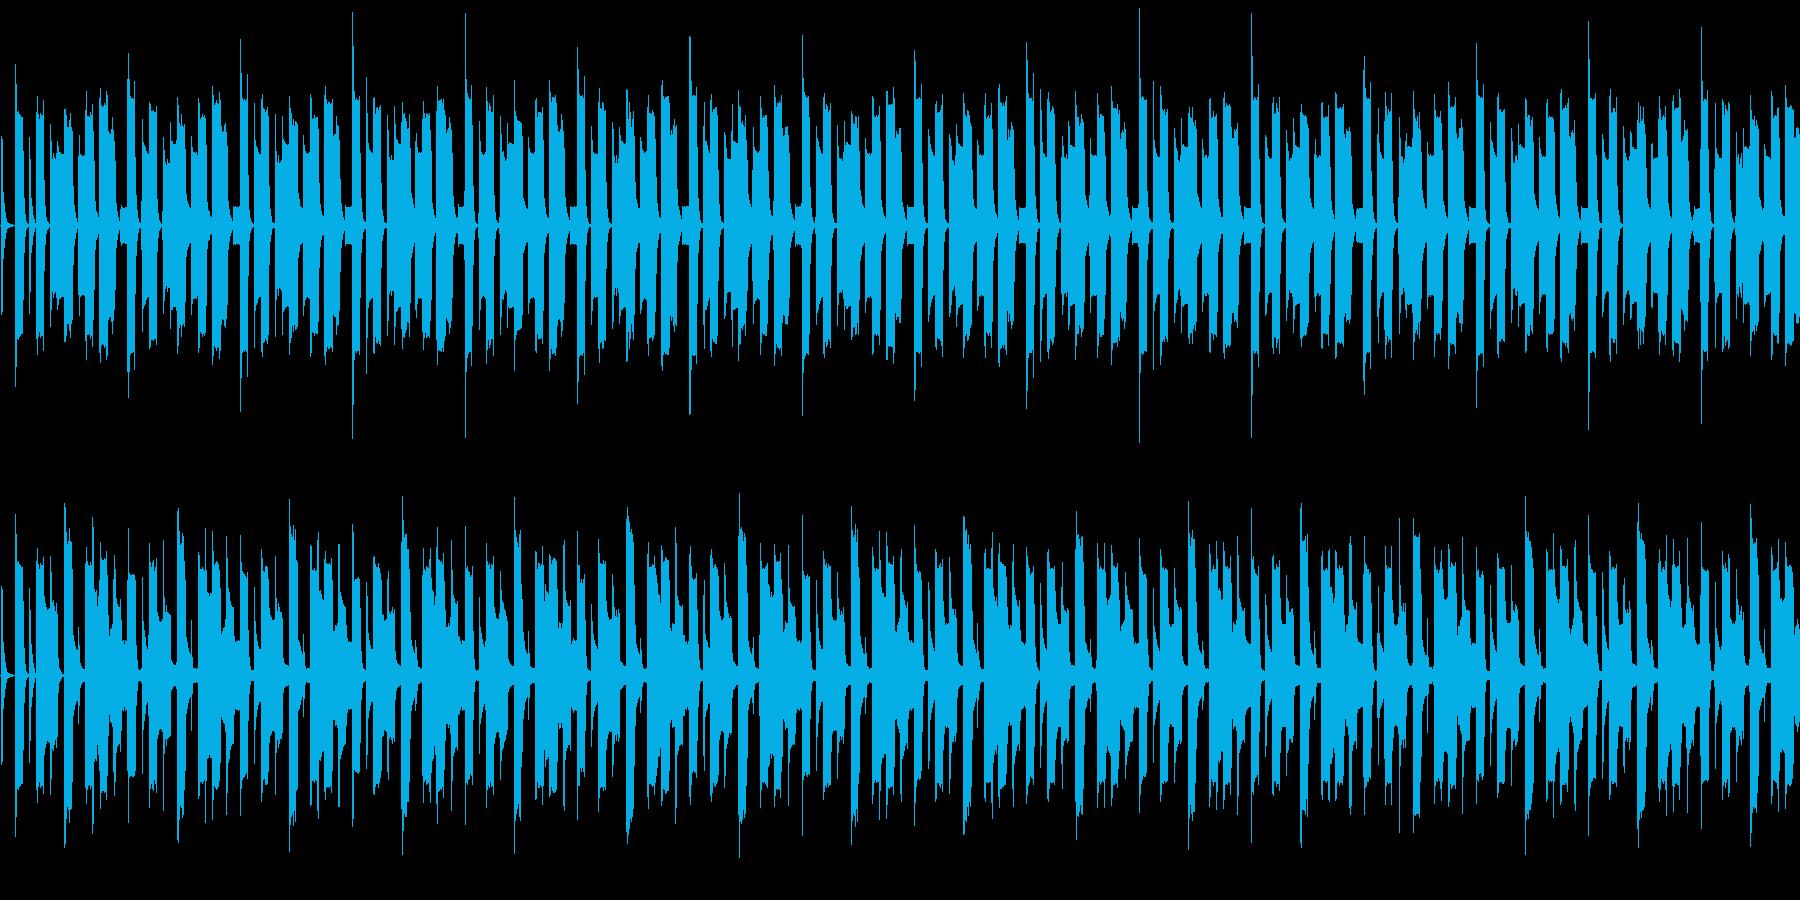 【サイバー/機械的/実験/近未来】の再生済みの波形